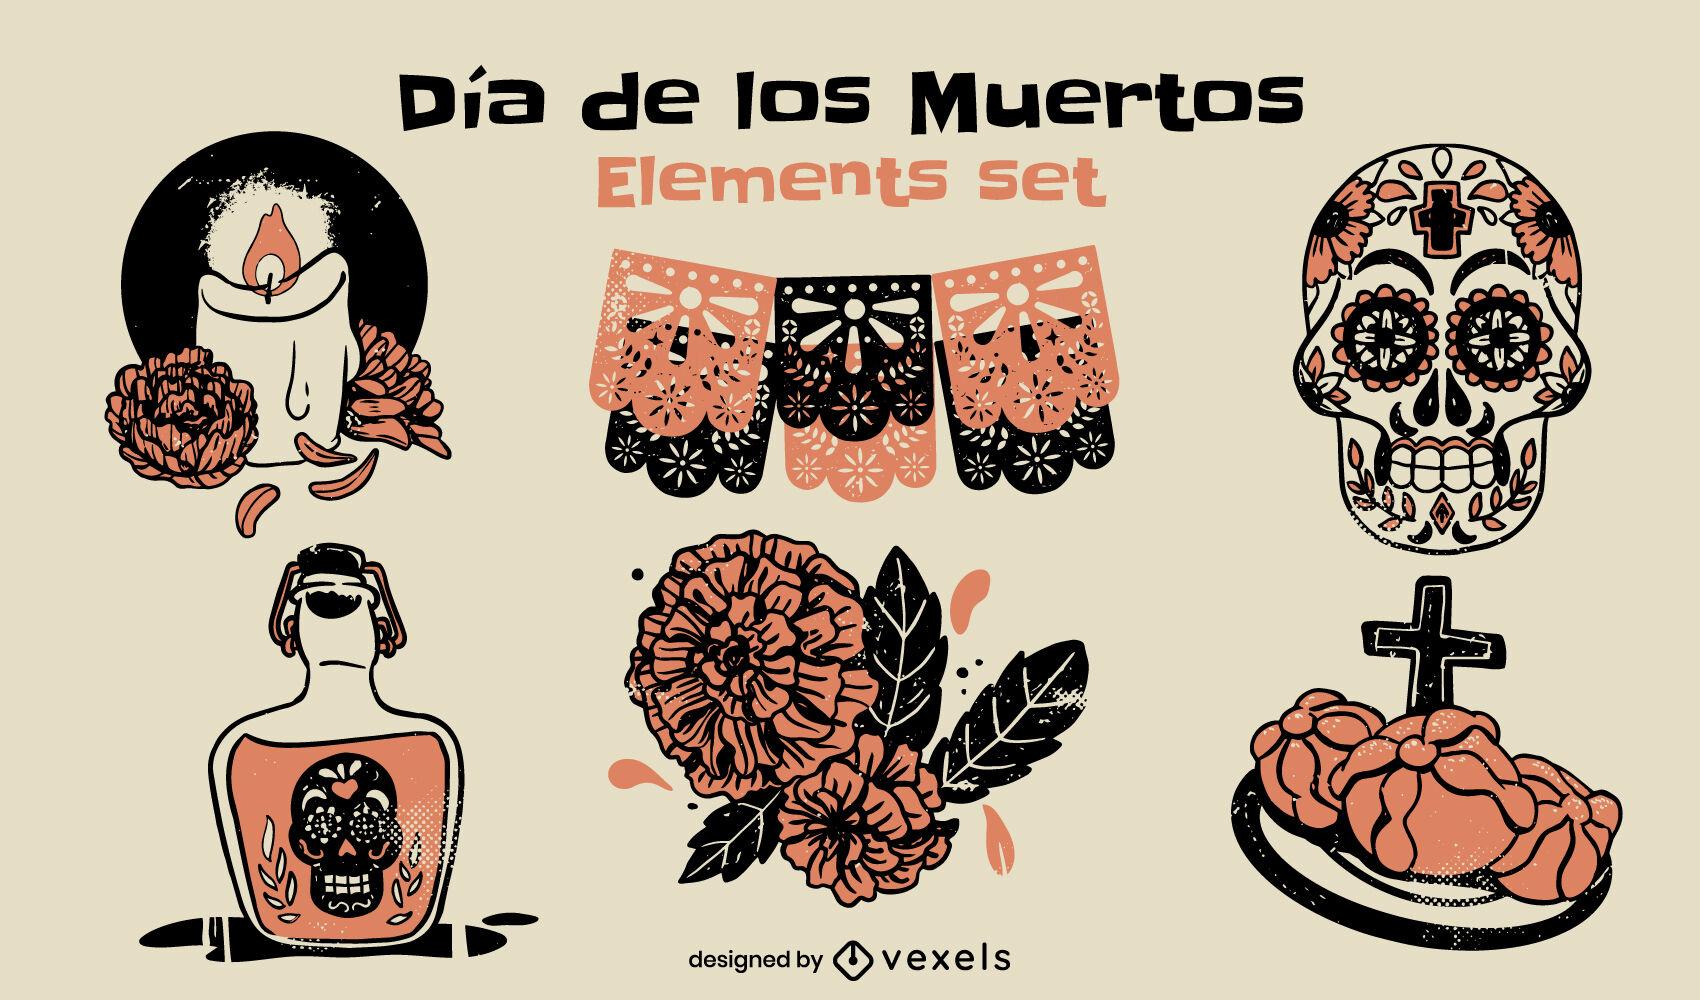 Conjunto de elementos de duotono del día de los muertos.